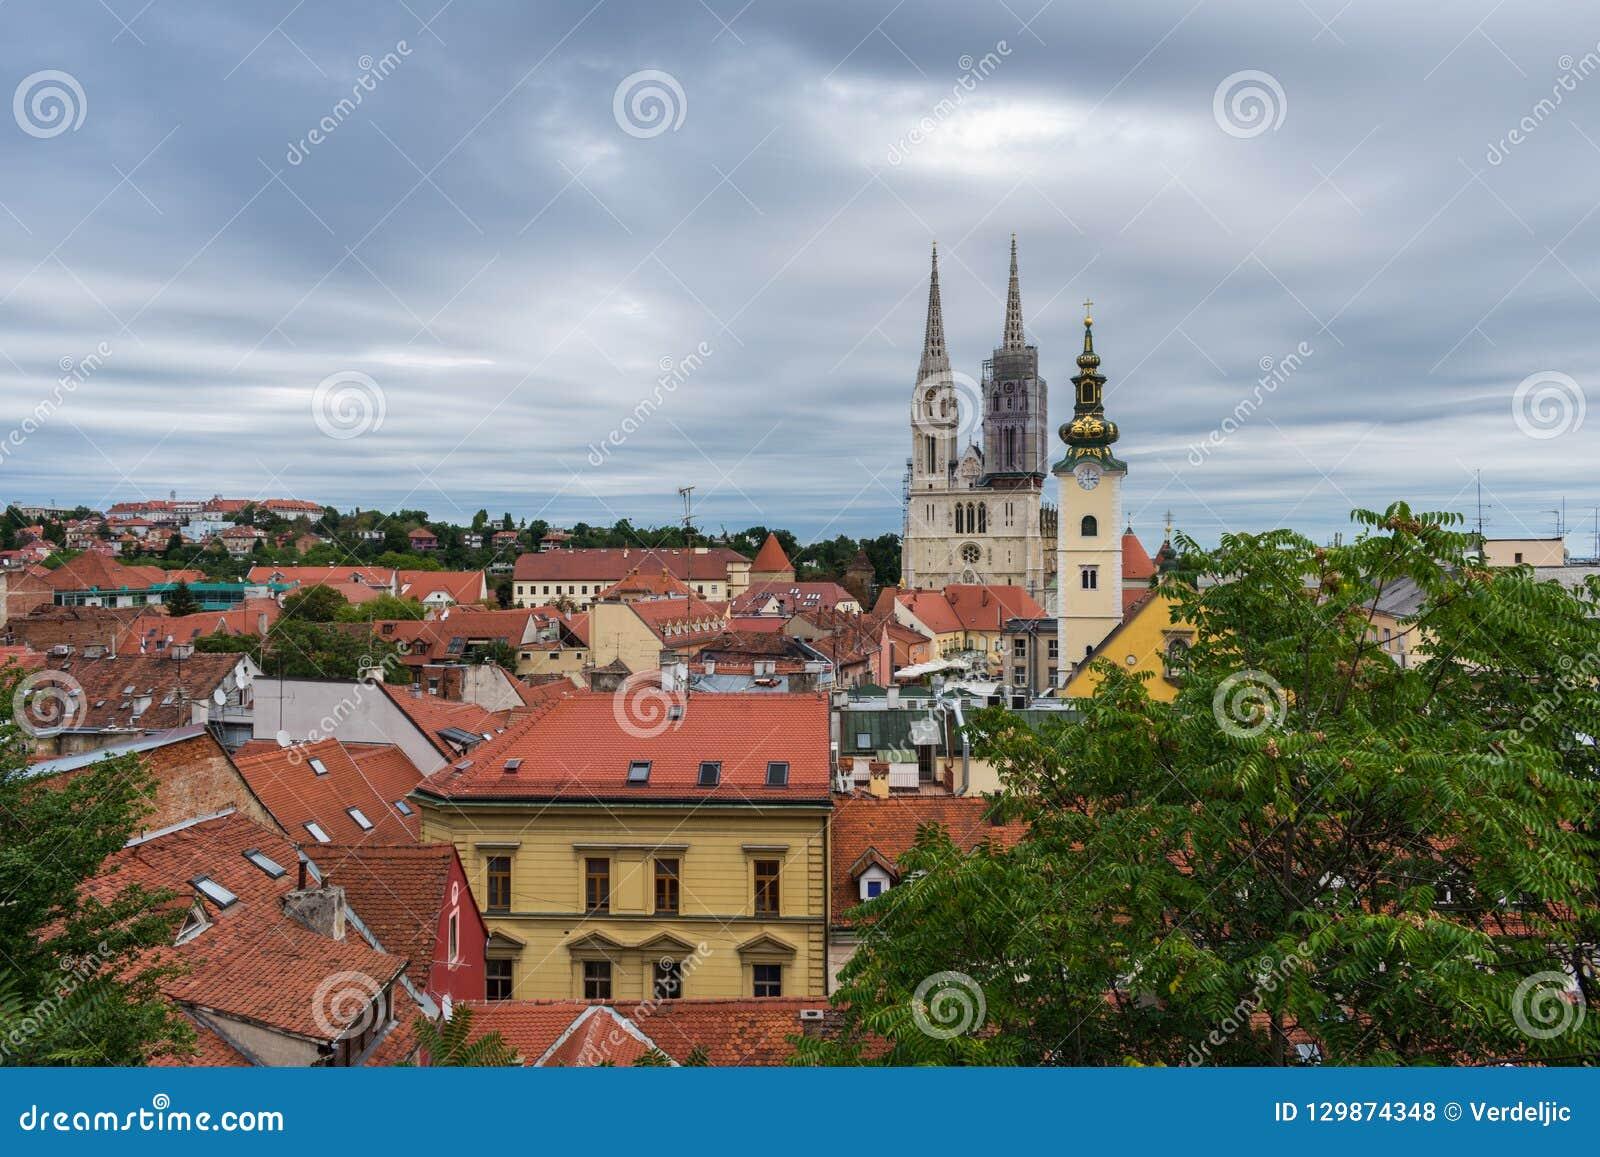 Weergeven van kathedraal en kerkentorens over de daken in Zagreb, Kroatië